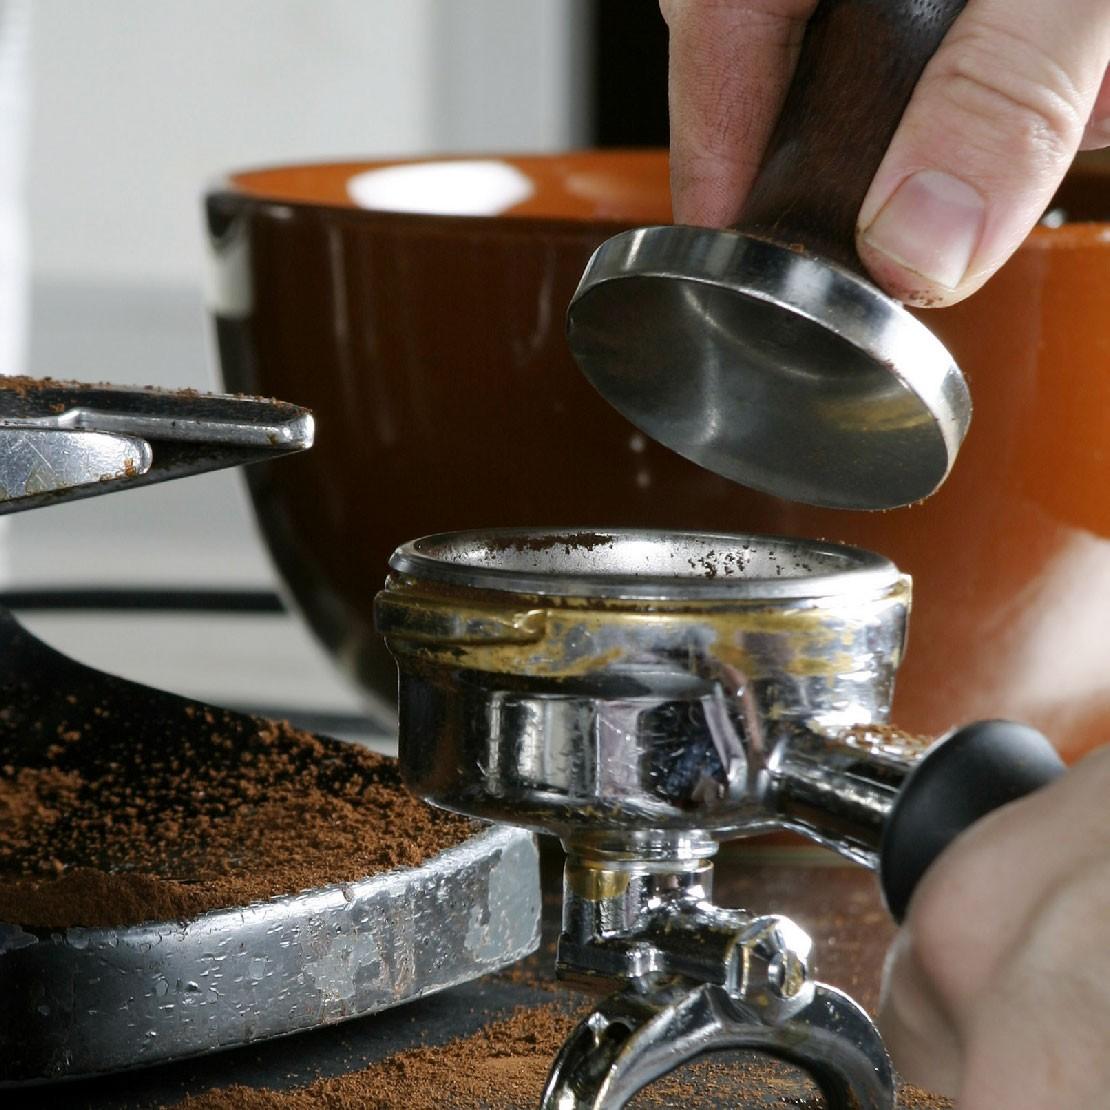 咖啡師實務課程  (第205屆) 2021.05.13 - 2021.07.03  (SAT)